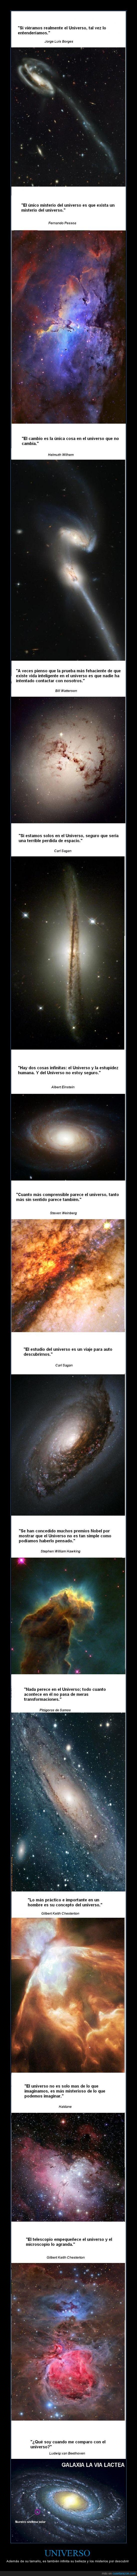 autor,belleza,cita,galaxia,grandes frases,infinito,misterio,Universo